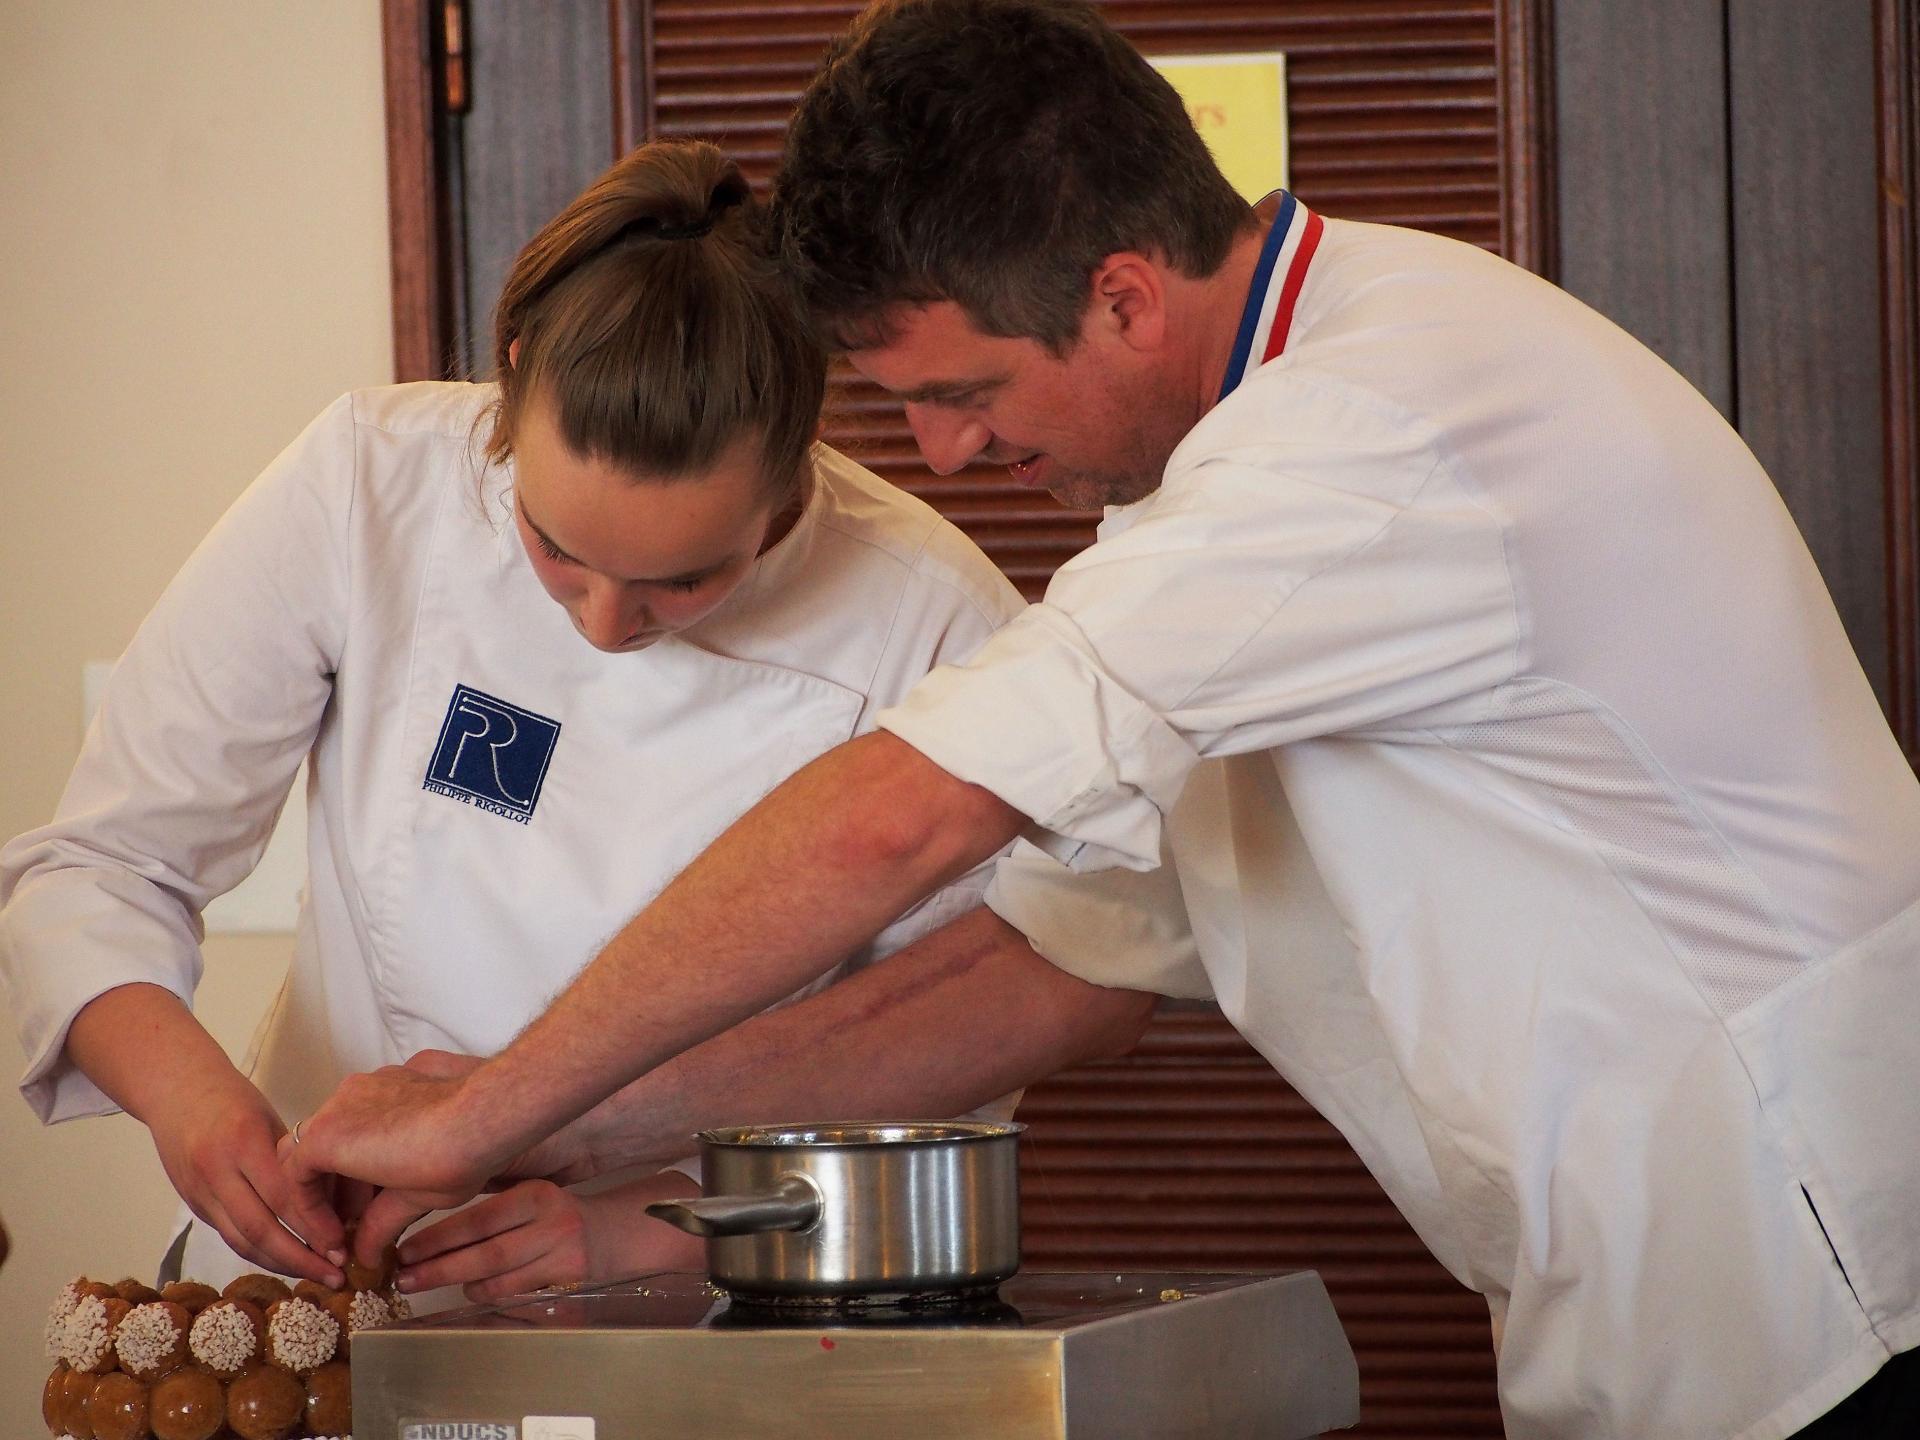 Philippe Rigollot, Meilleur Ouvrier de France et champion du Monde de pâtisserie